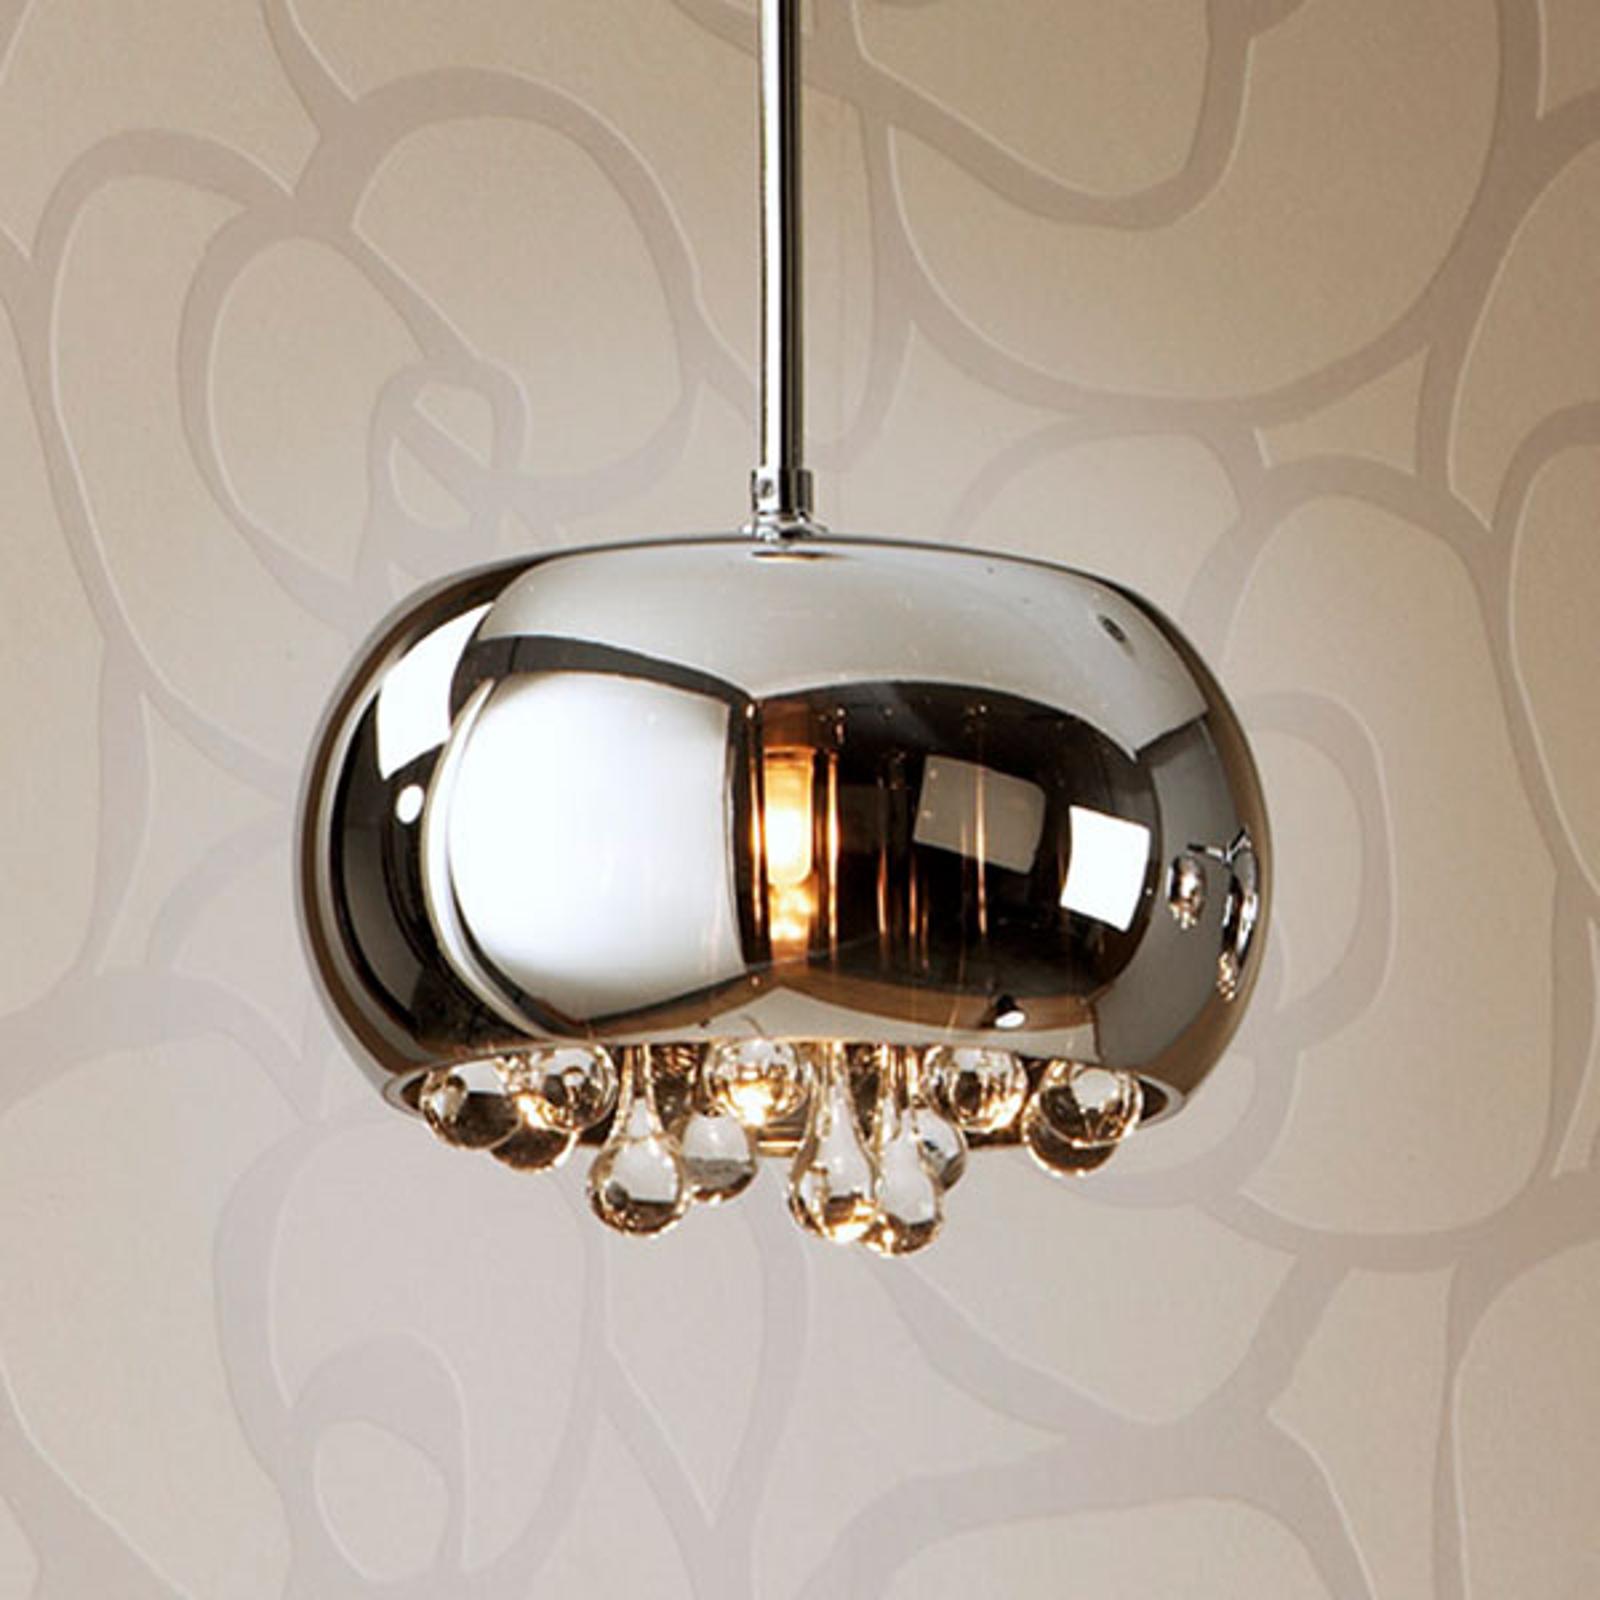 Lampa wisząca LED Argos kryształowe krople Ø 22cm